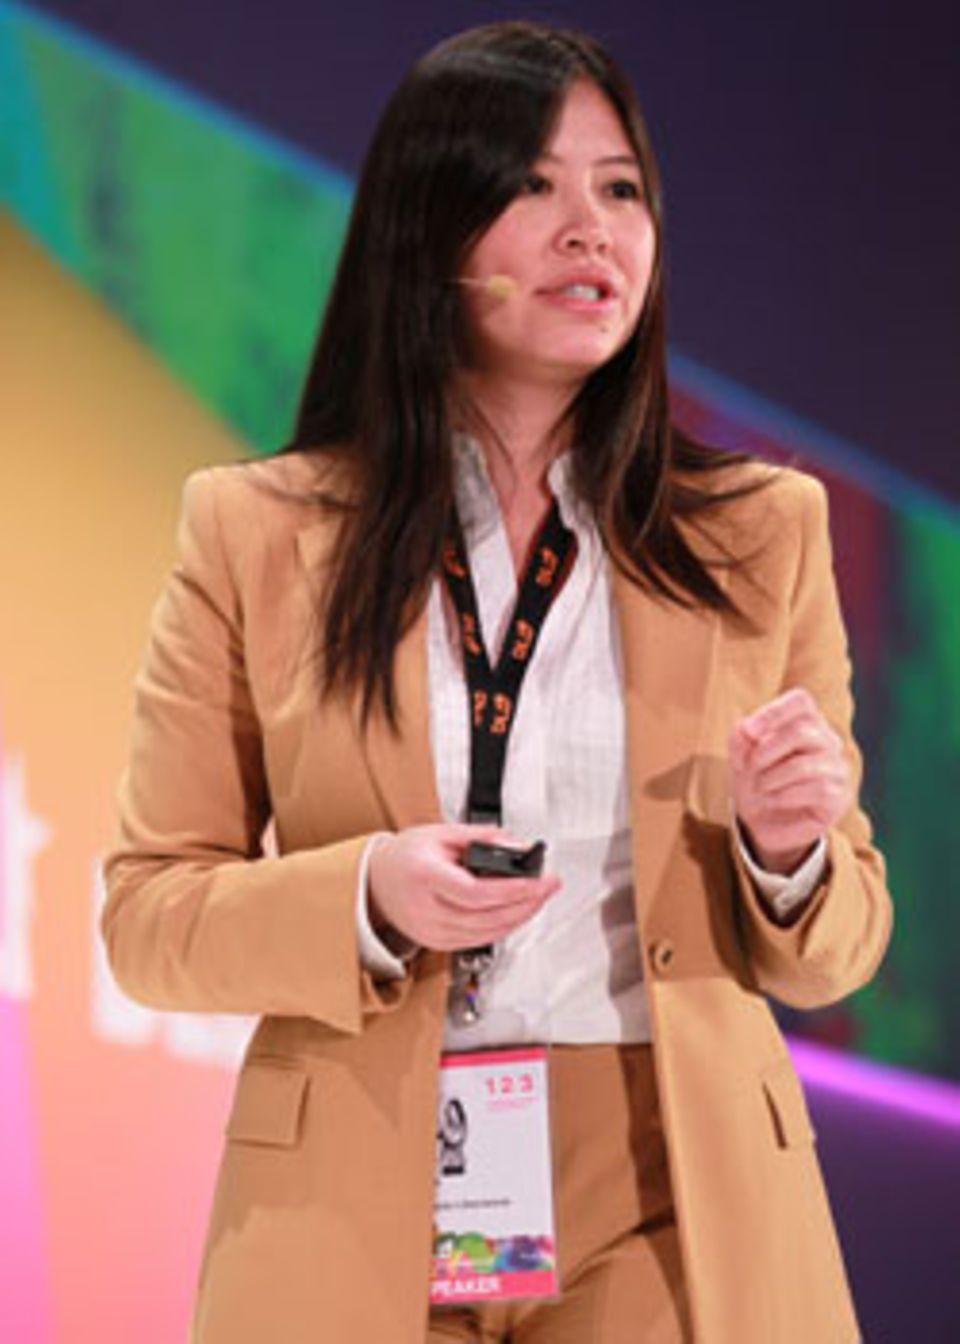 Tan Le, 36, baute 2003 die Firma Emotiv in San Francisco auf, die Hardware für Gehirn-Computer-Schnittstellen herstellt. Seit 2011 gehört dazu auch Emotiv Lifesciences, wo Daten aus Gehirnstrommessungen gesammelt und ausgewertet werden.